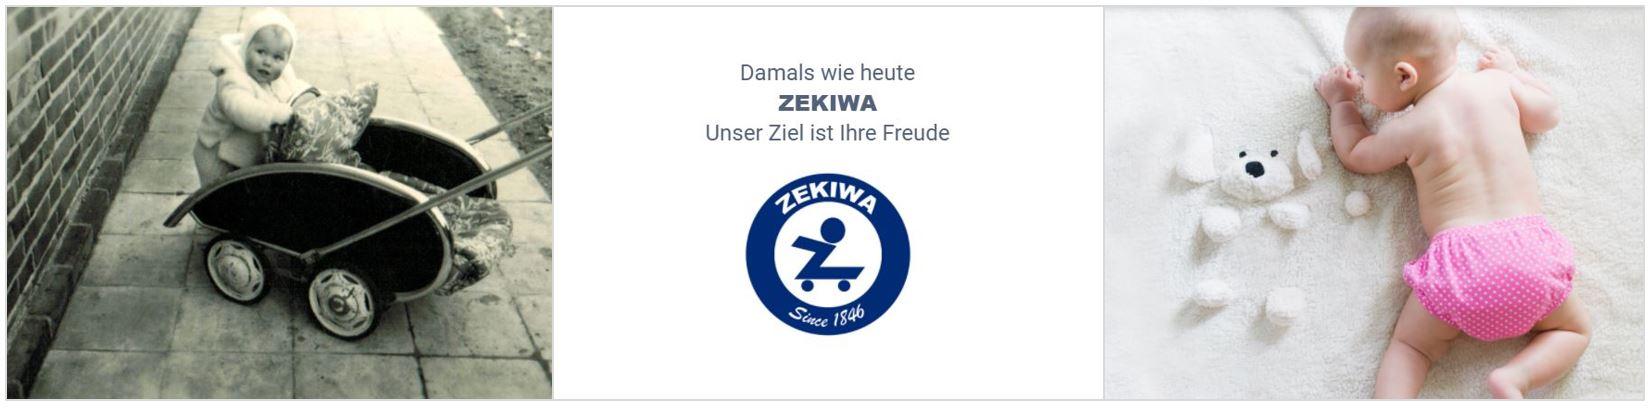 die-kleine-Schnullerbacke-ZEKIWA-06aQ34uUeos6tHd